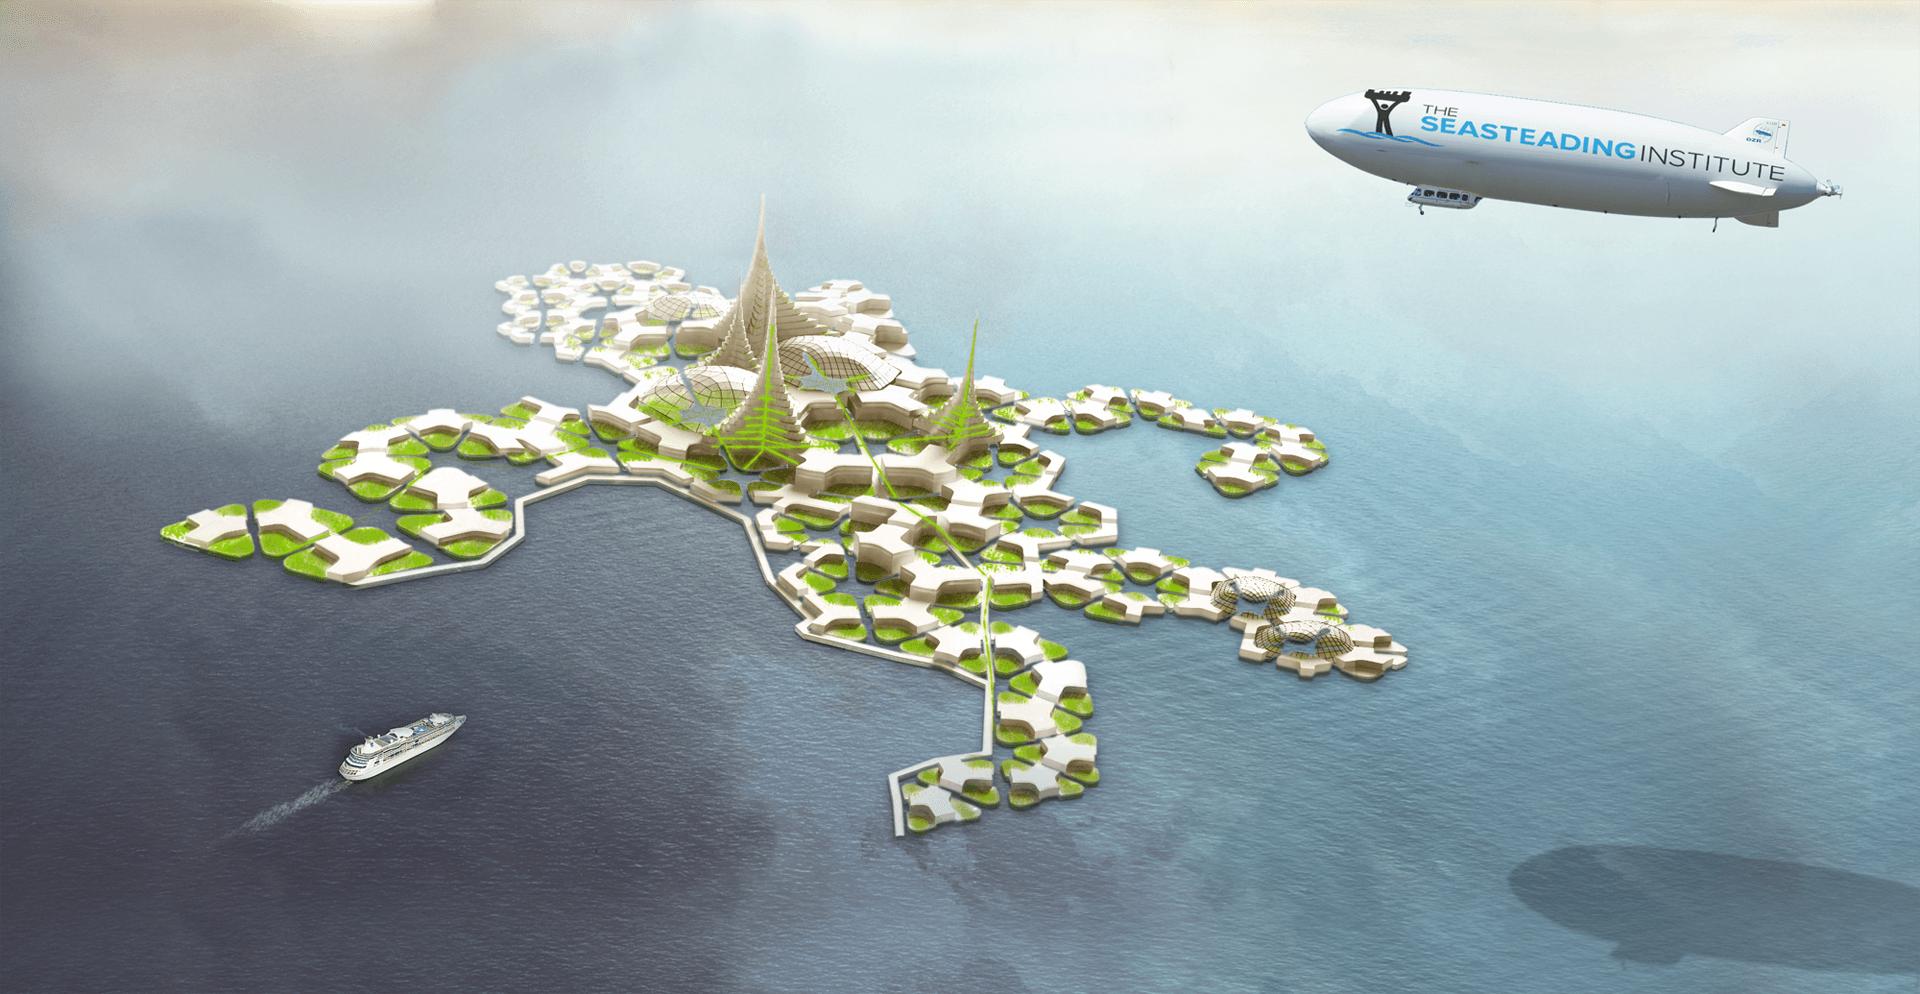 Vision d'artiste d'une île flottante